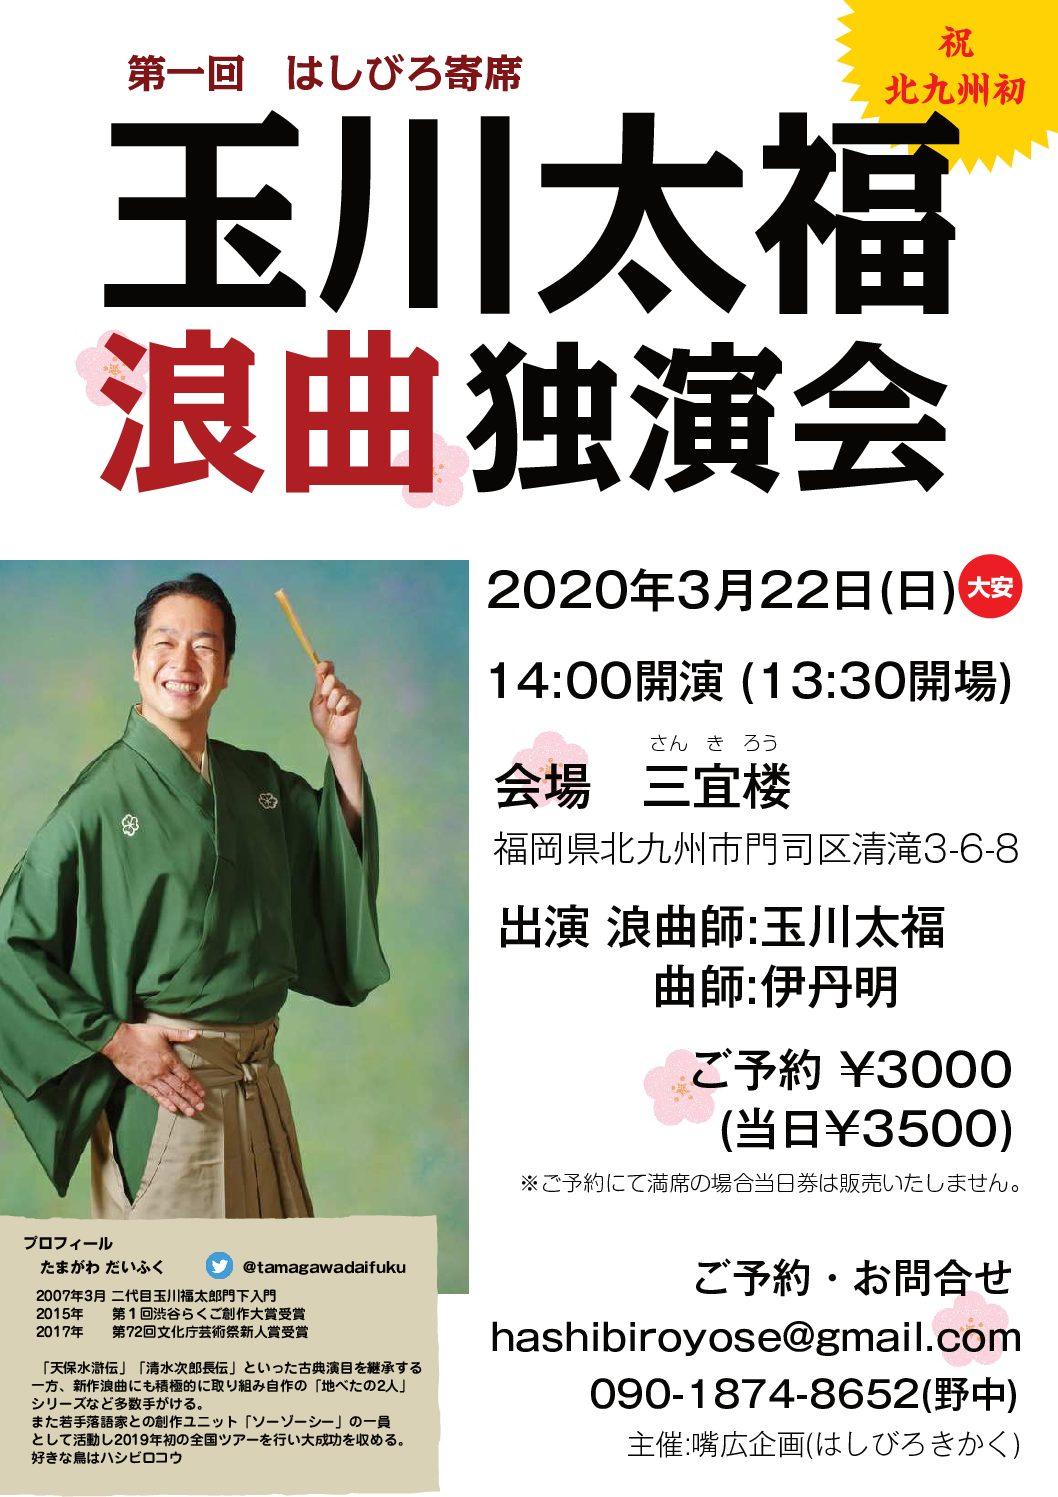 残席僅か!【2020年3月22日】九州初開催!玉川太福浪曲独演会